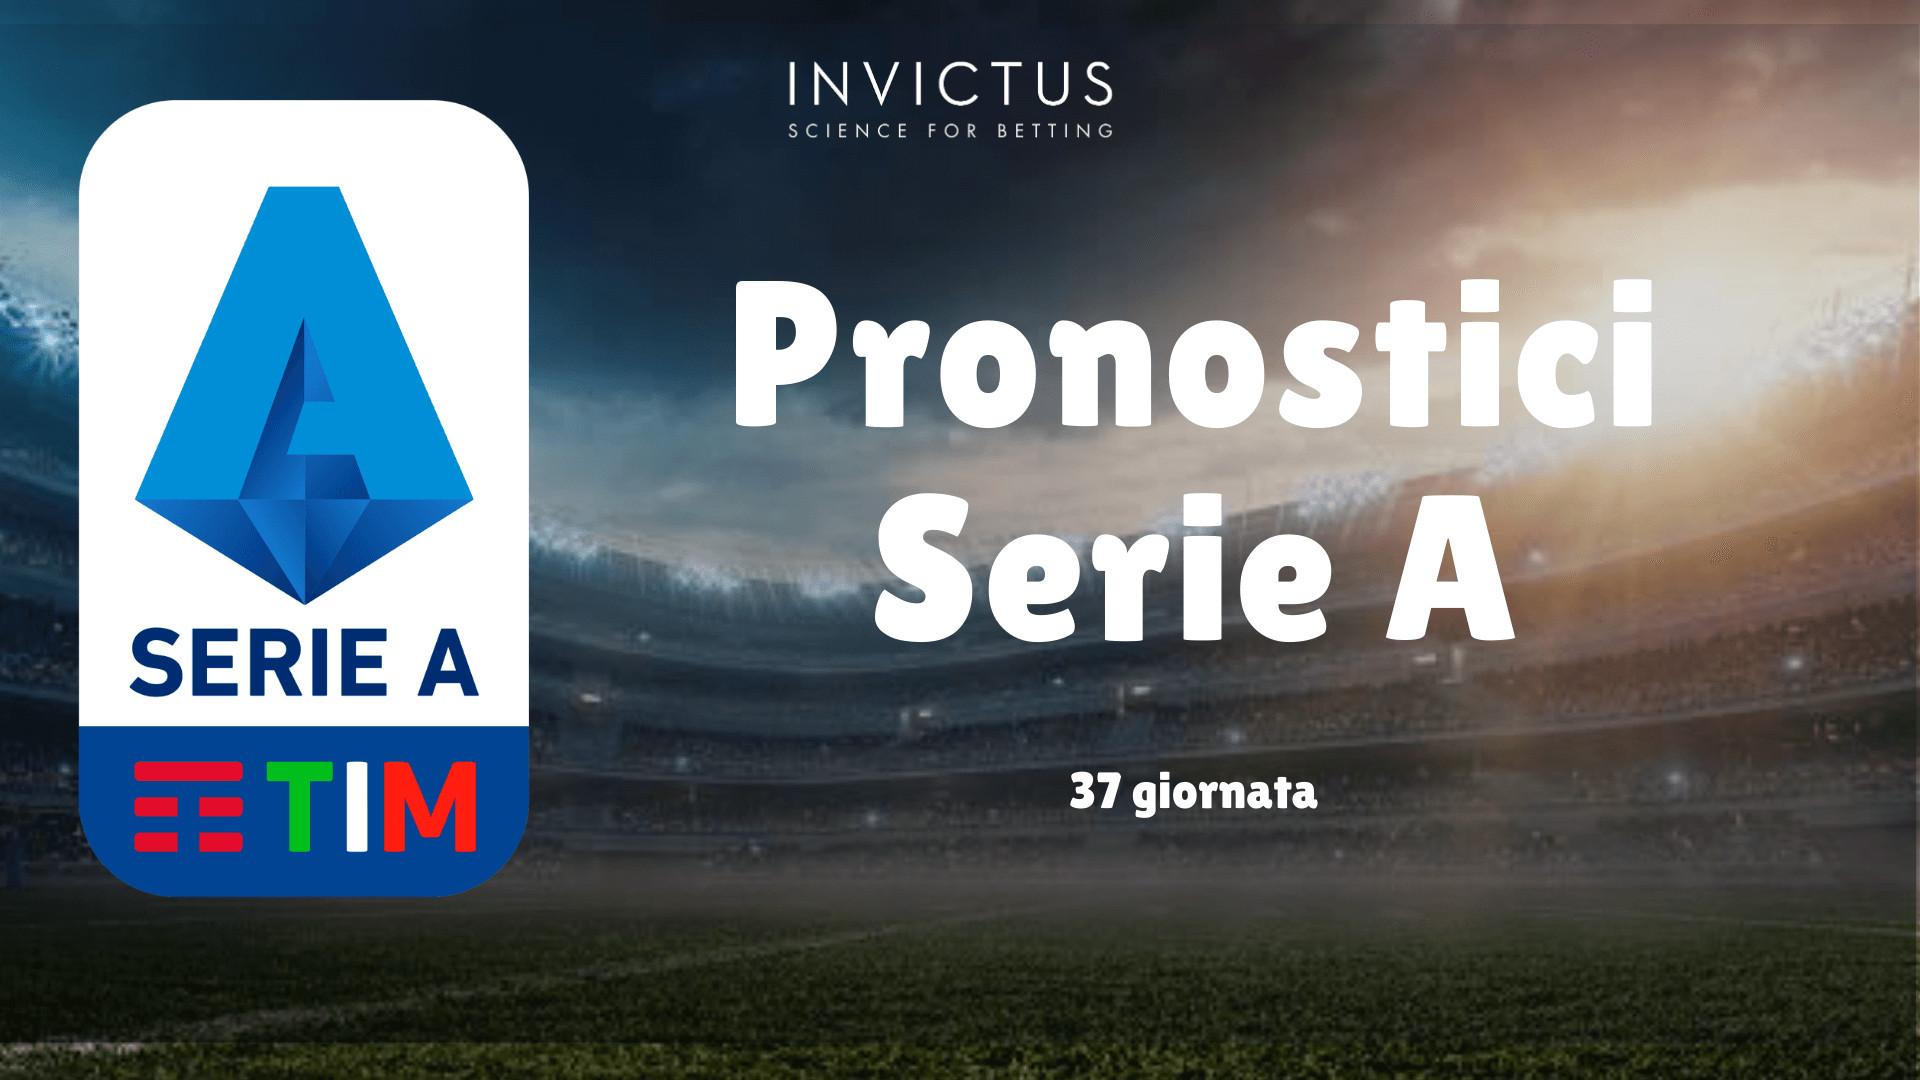 Pronostici Serie A 37 Giornata Invictus Blog